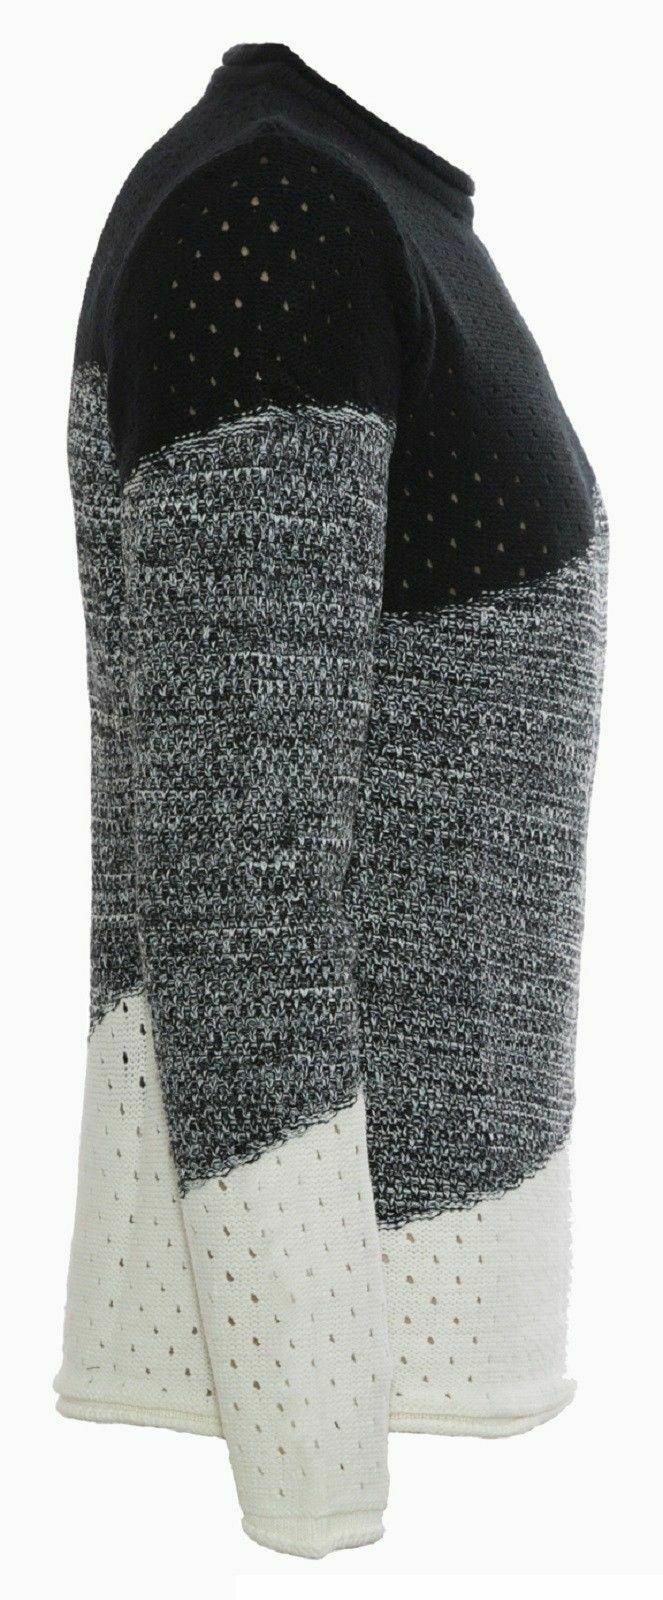 Maglione-uomo-Girocollo-Maglioncino-Invernale-Maglia-slim-fit-Pullover-Casual miniatura 13